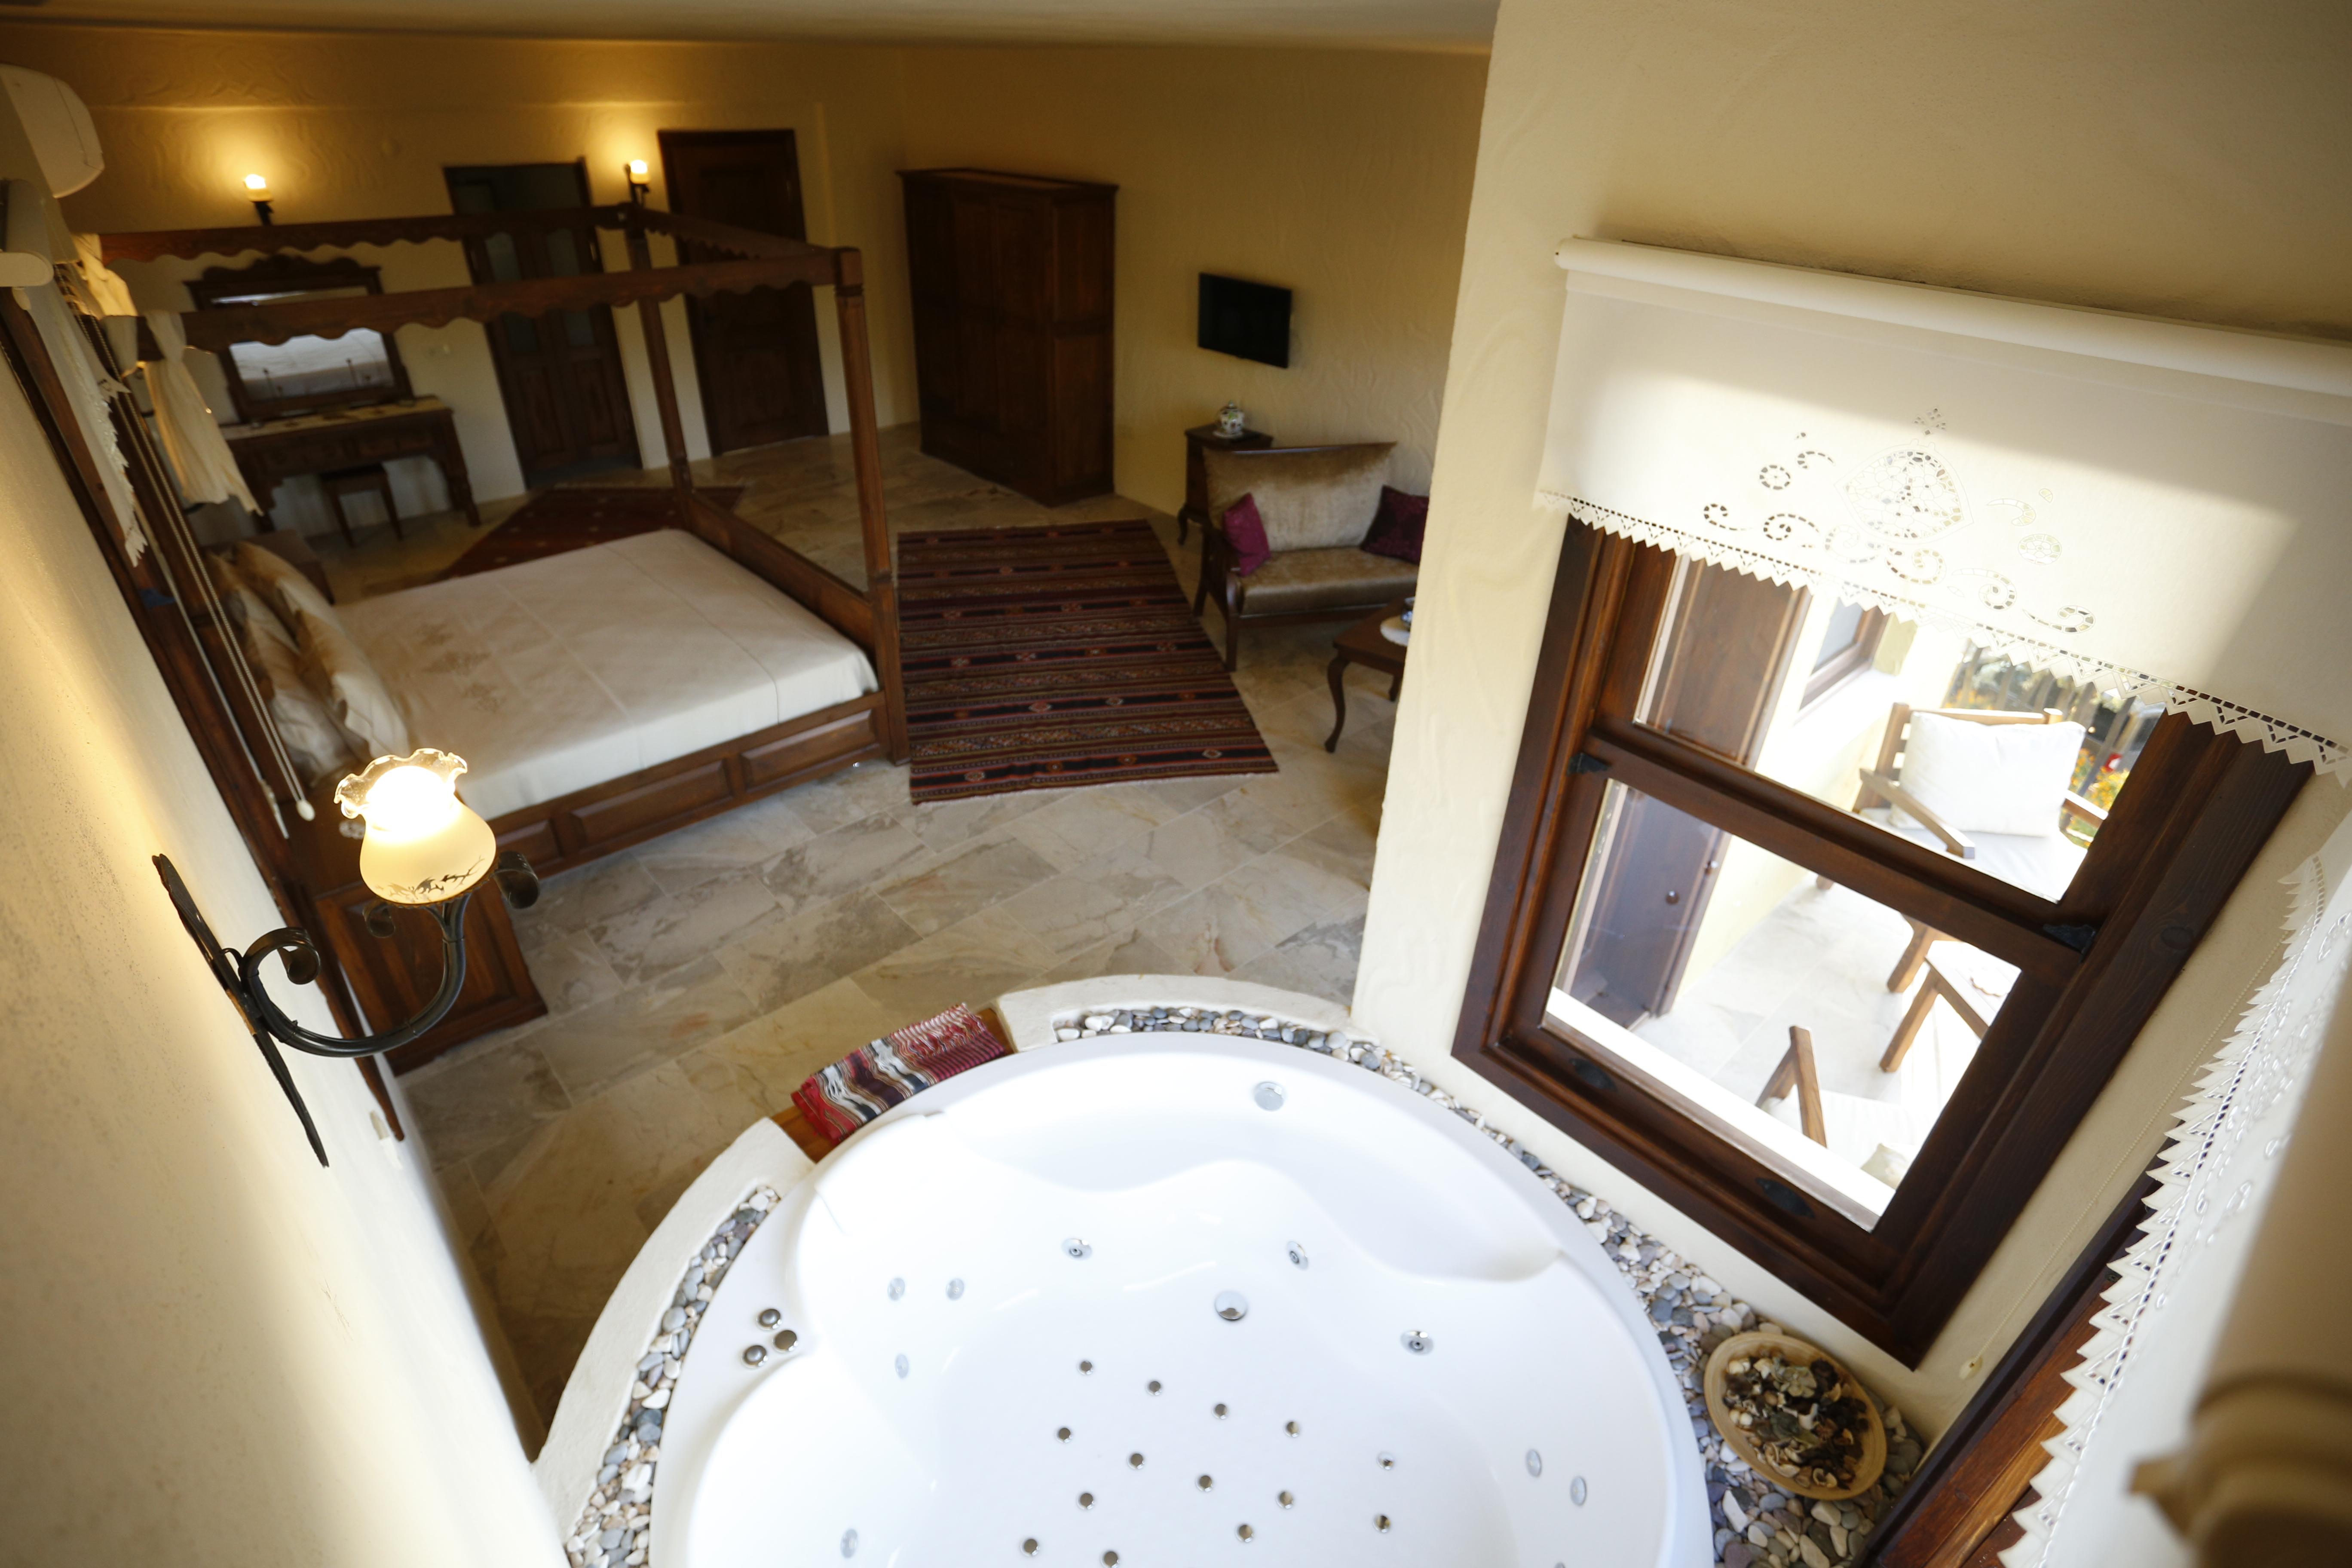 Ferienwohnung Luxurise Unterkunft und persnliches Ambiente in unzerstrter Natur (2742319), Fethiye, , Ägäisregion, Türkei, Bild 5